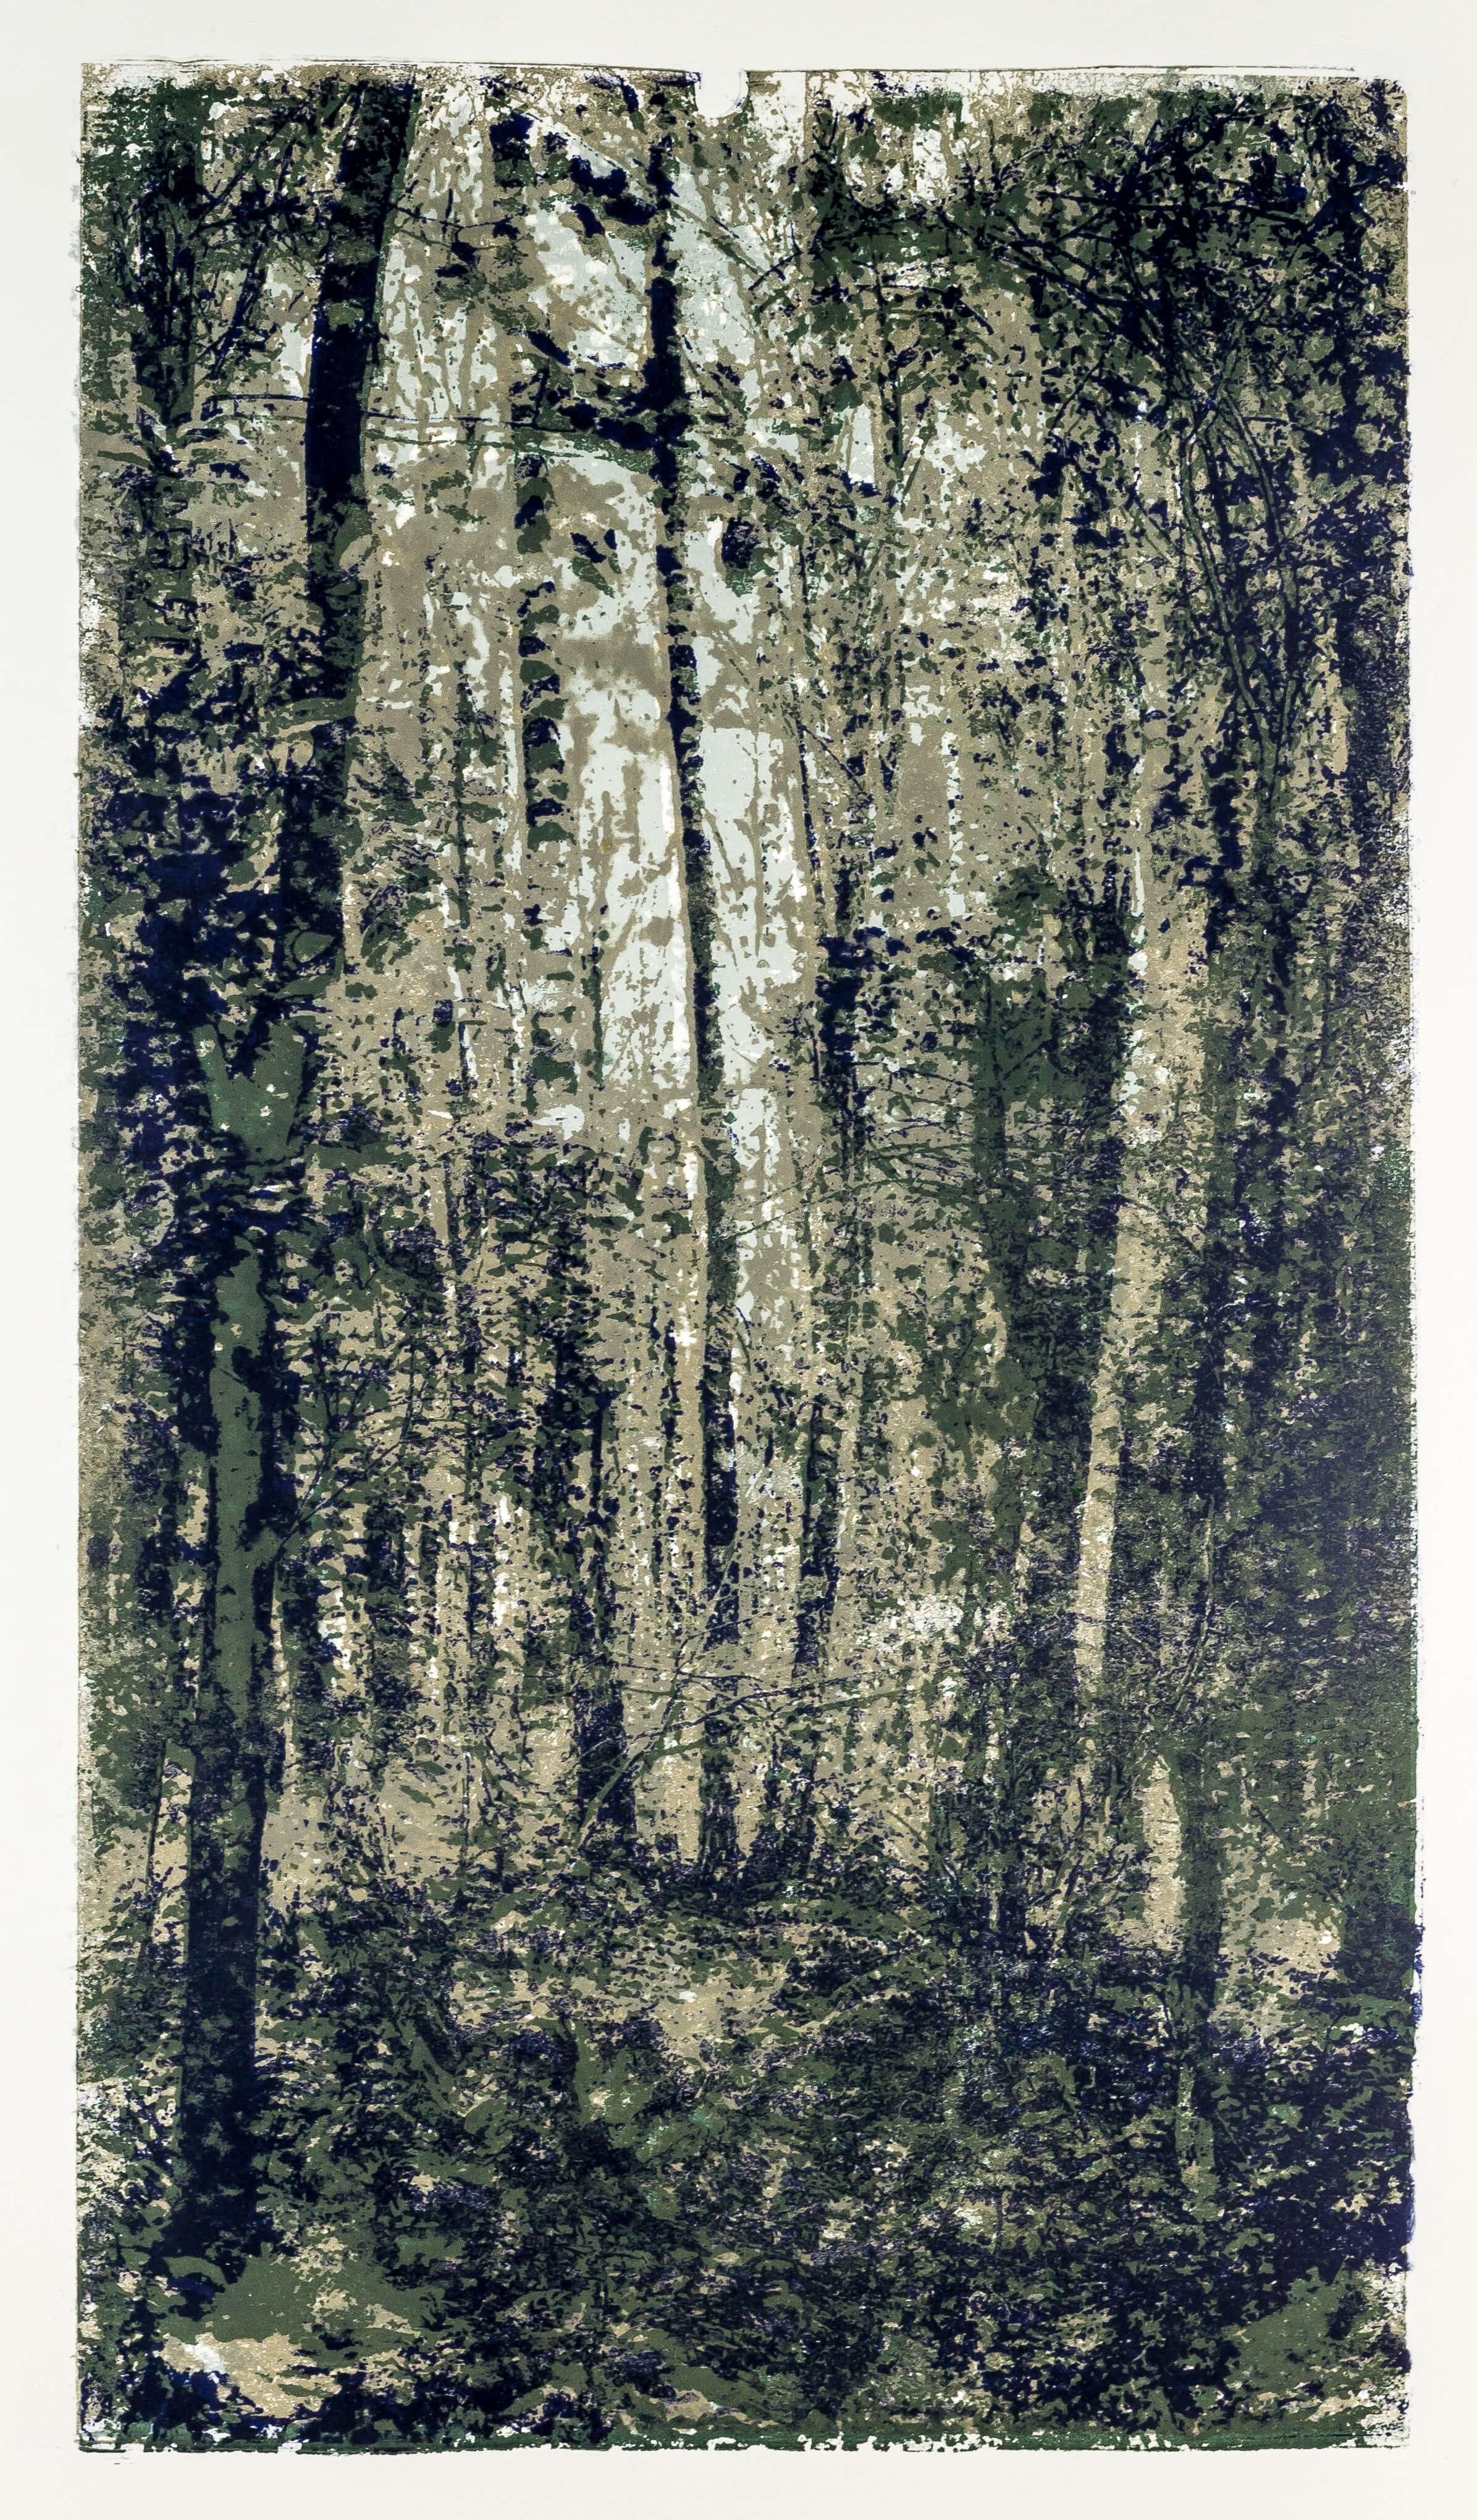 Katharina Albers, Wald XXXI, 2015, Farblithographie,1 von 2, 60×33 cm